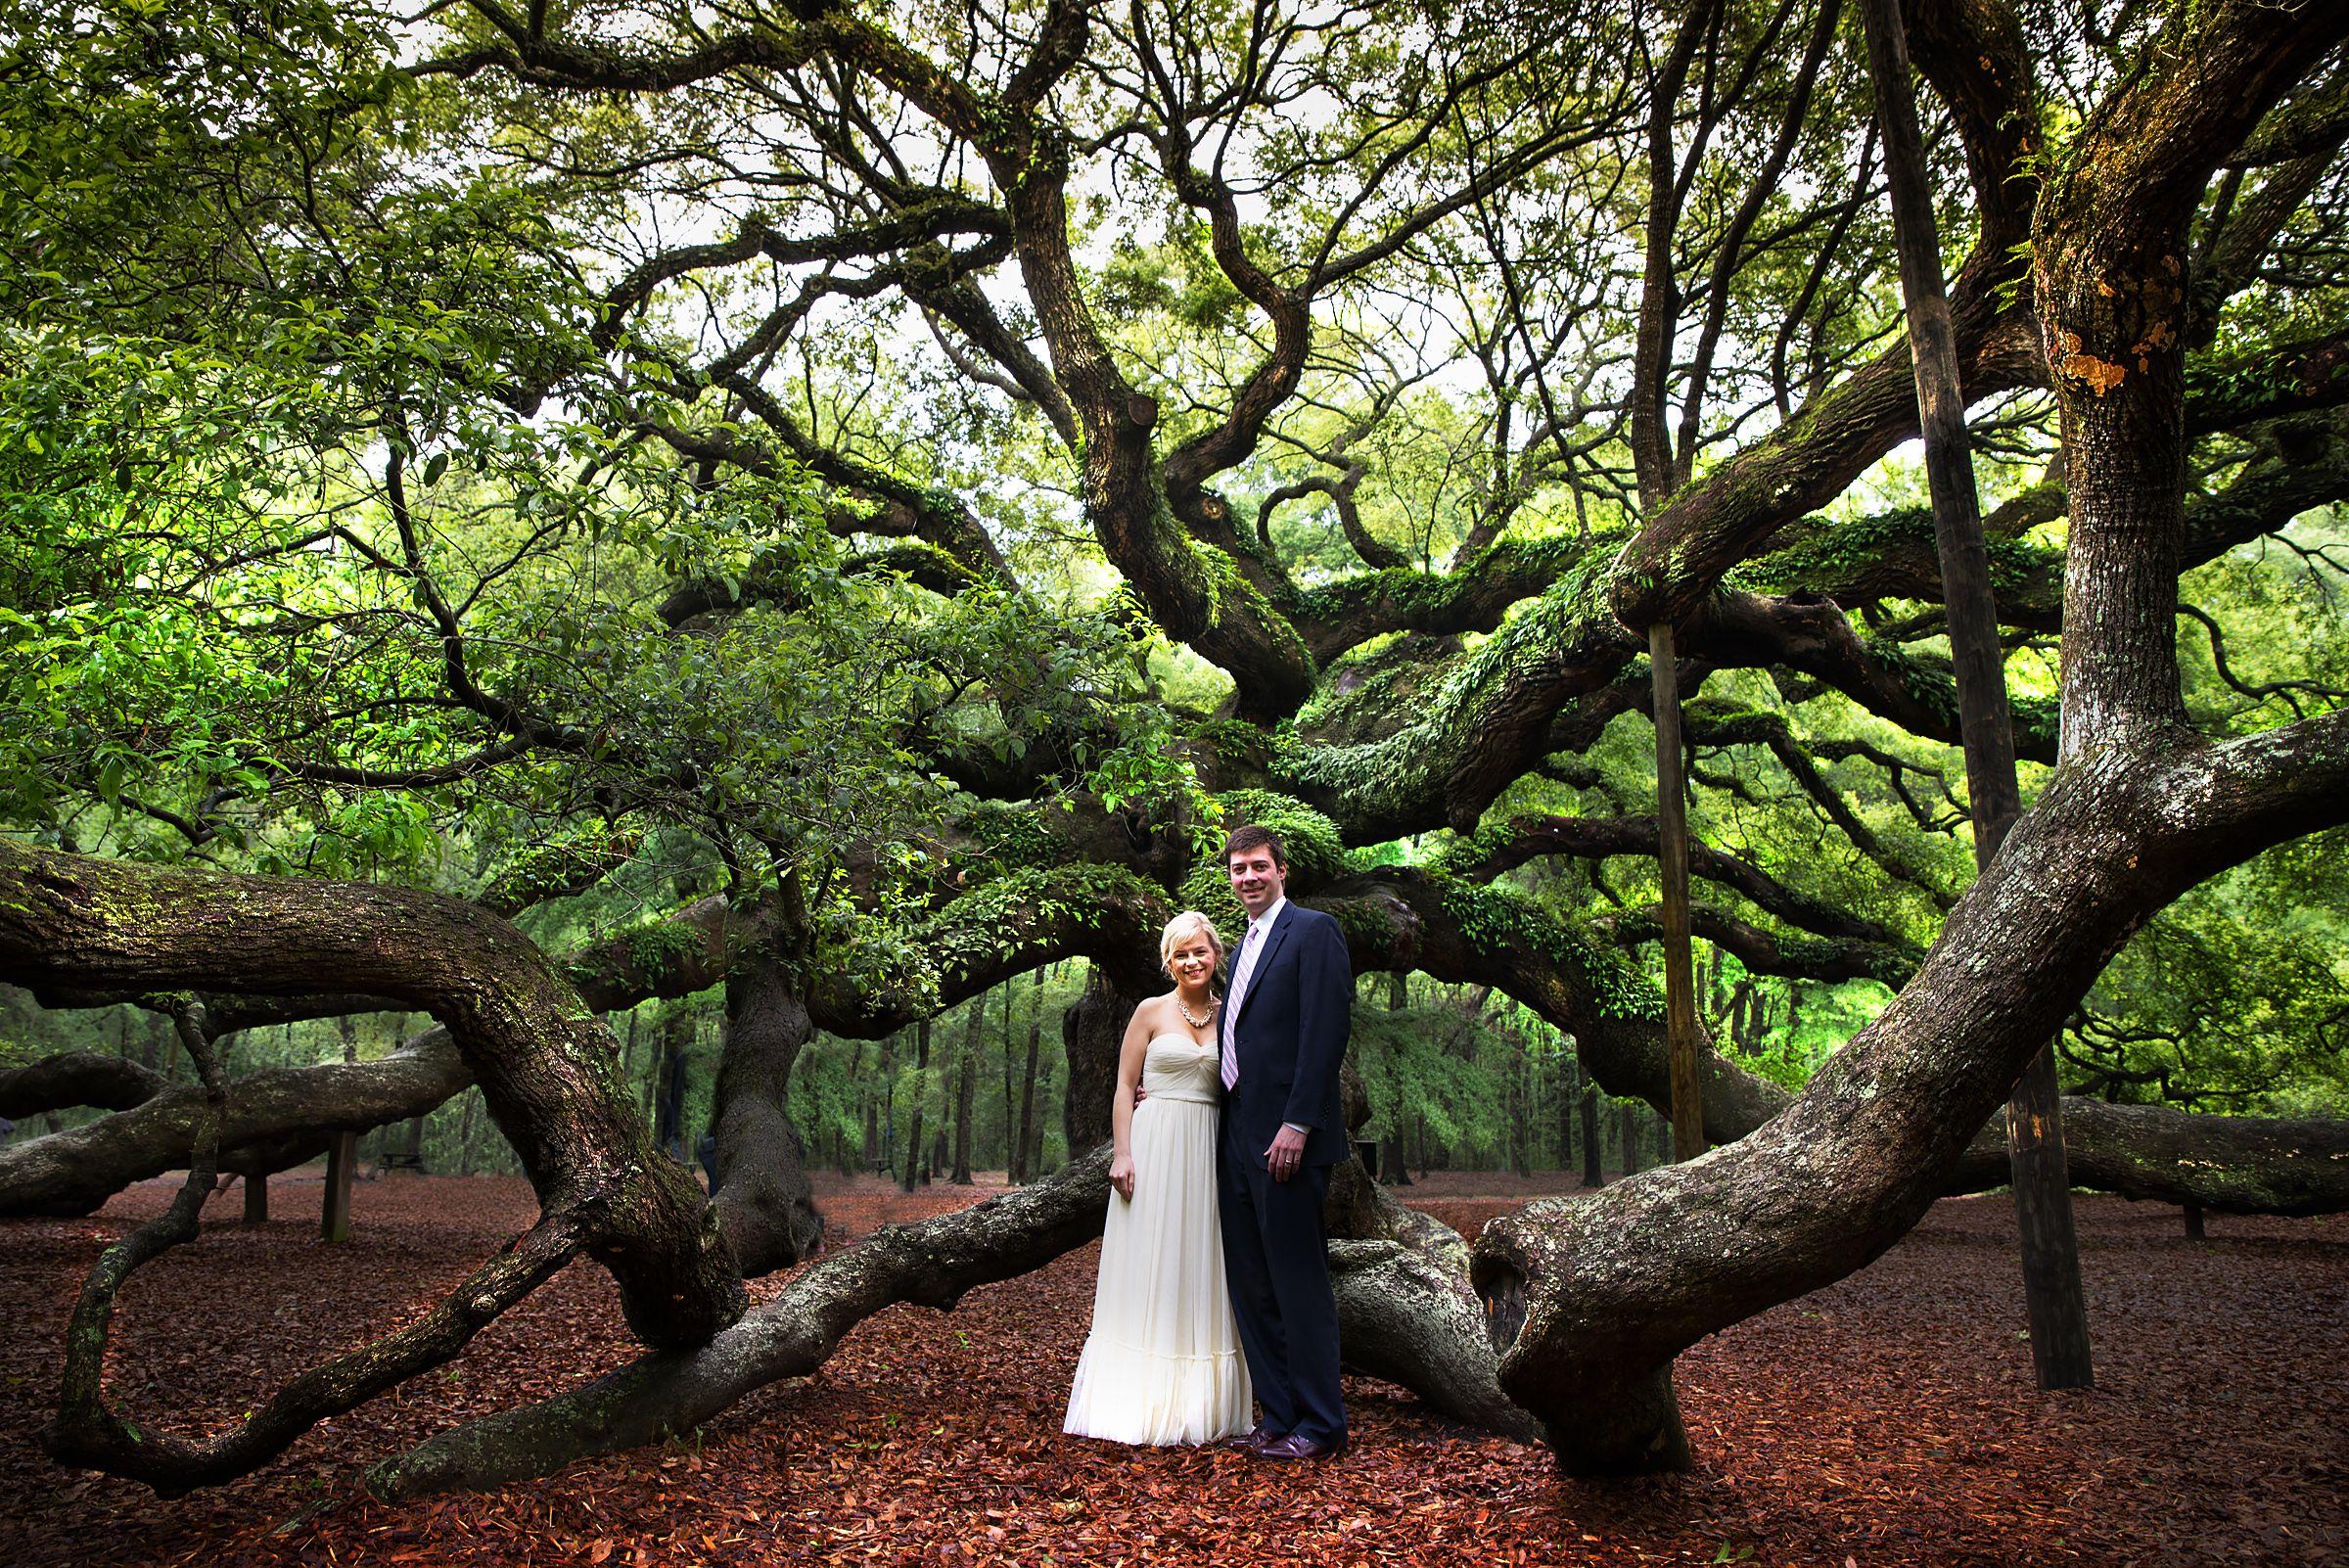 Love The Long Limbs On Angel Oak Tree